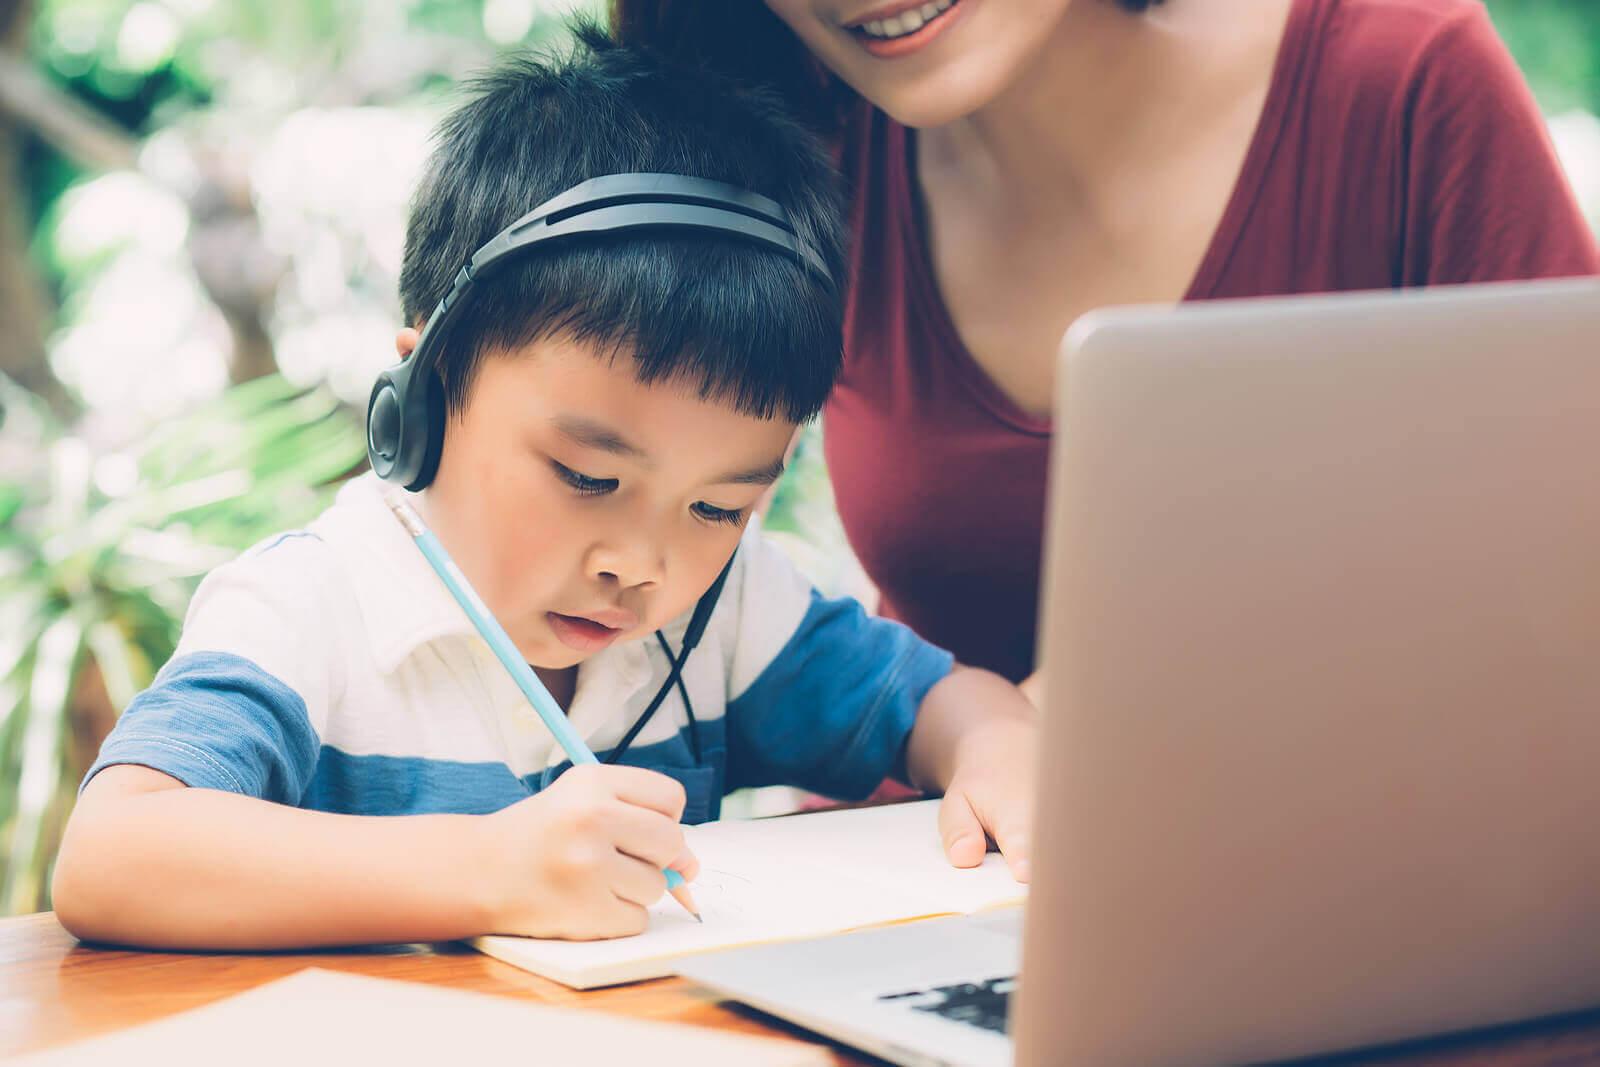 förbättra skriftspråket: barn jobbar vid dator